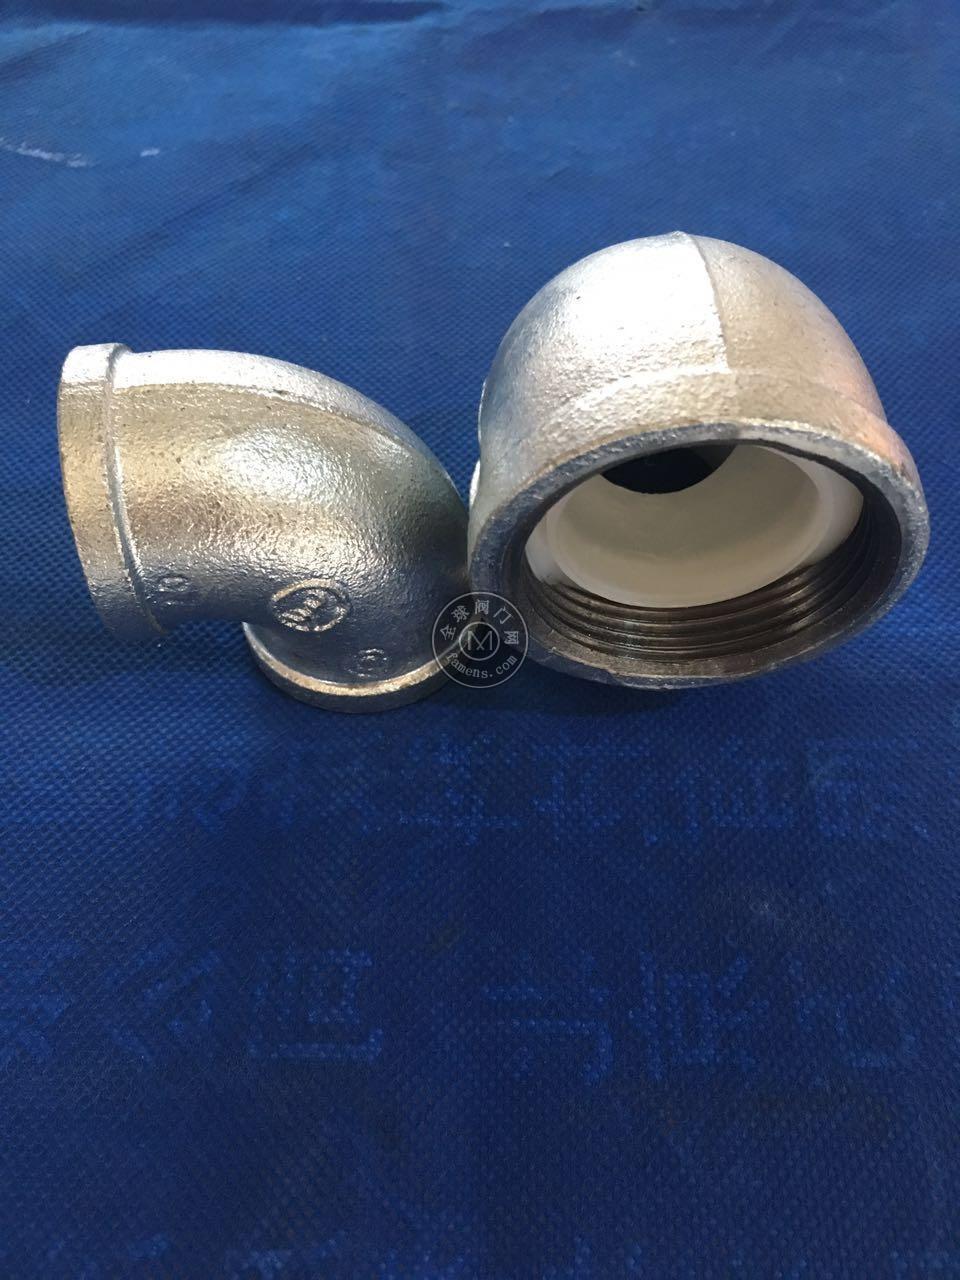 瑪鋼襯塑管件 建支牌外鍍鋅內襯塑管件